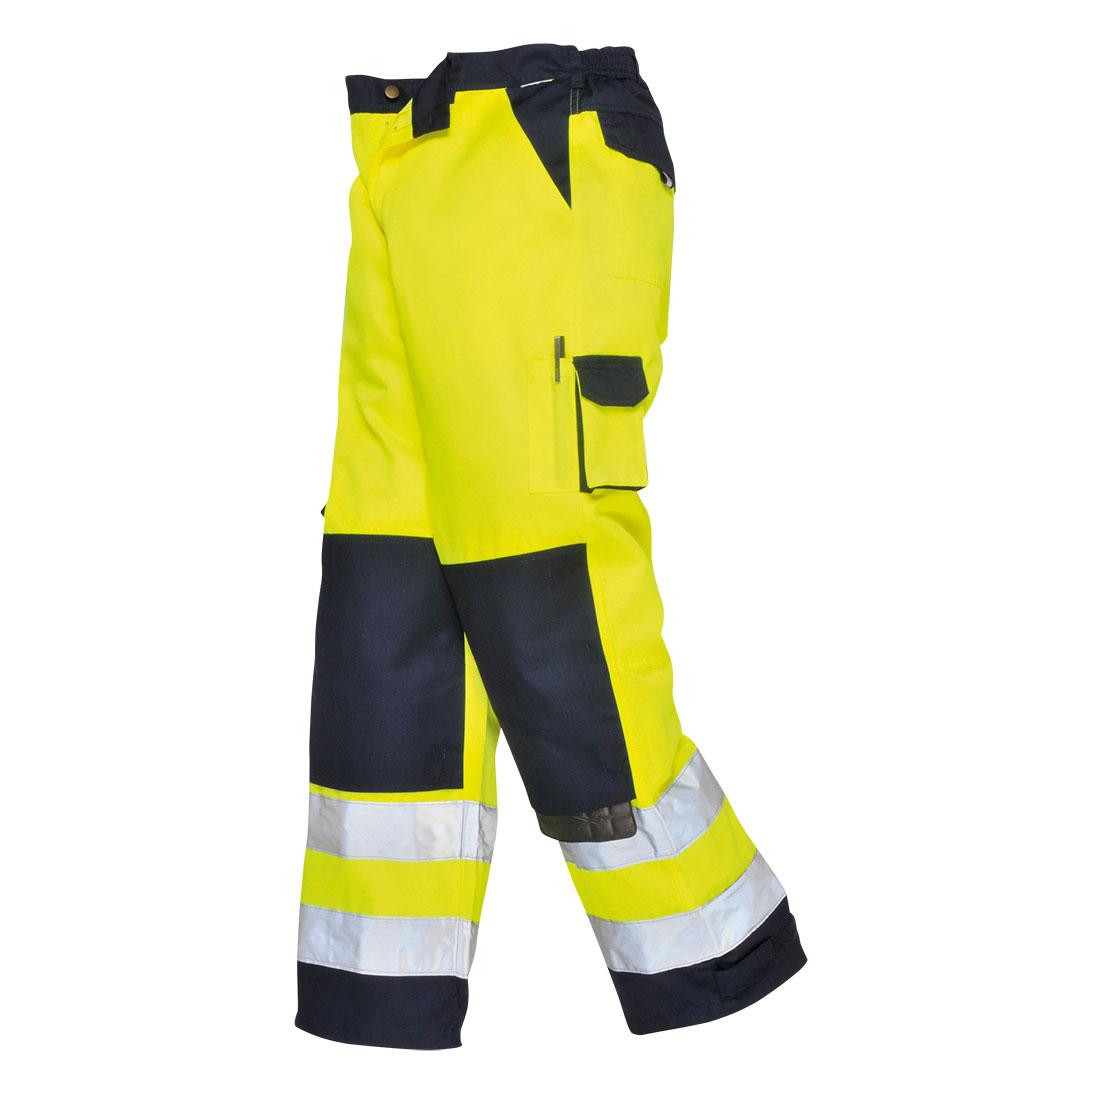 Lyon Hi-Vis Trousers Yellow/Navy XXLR